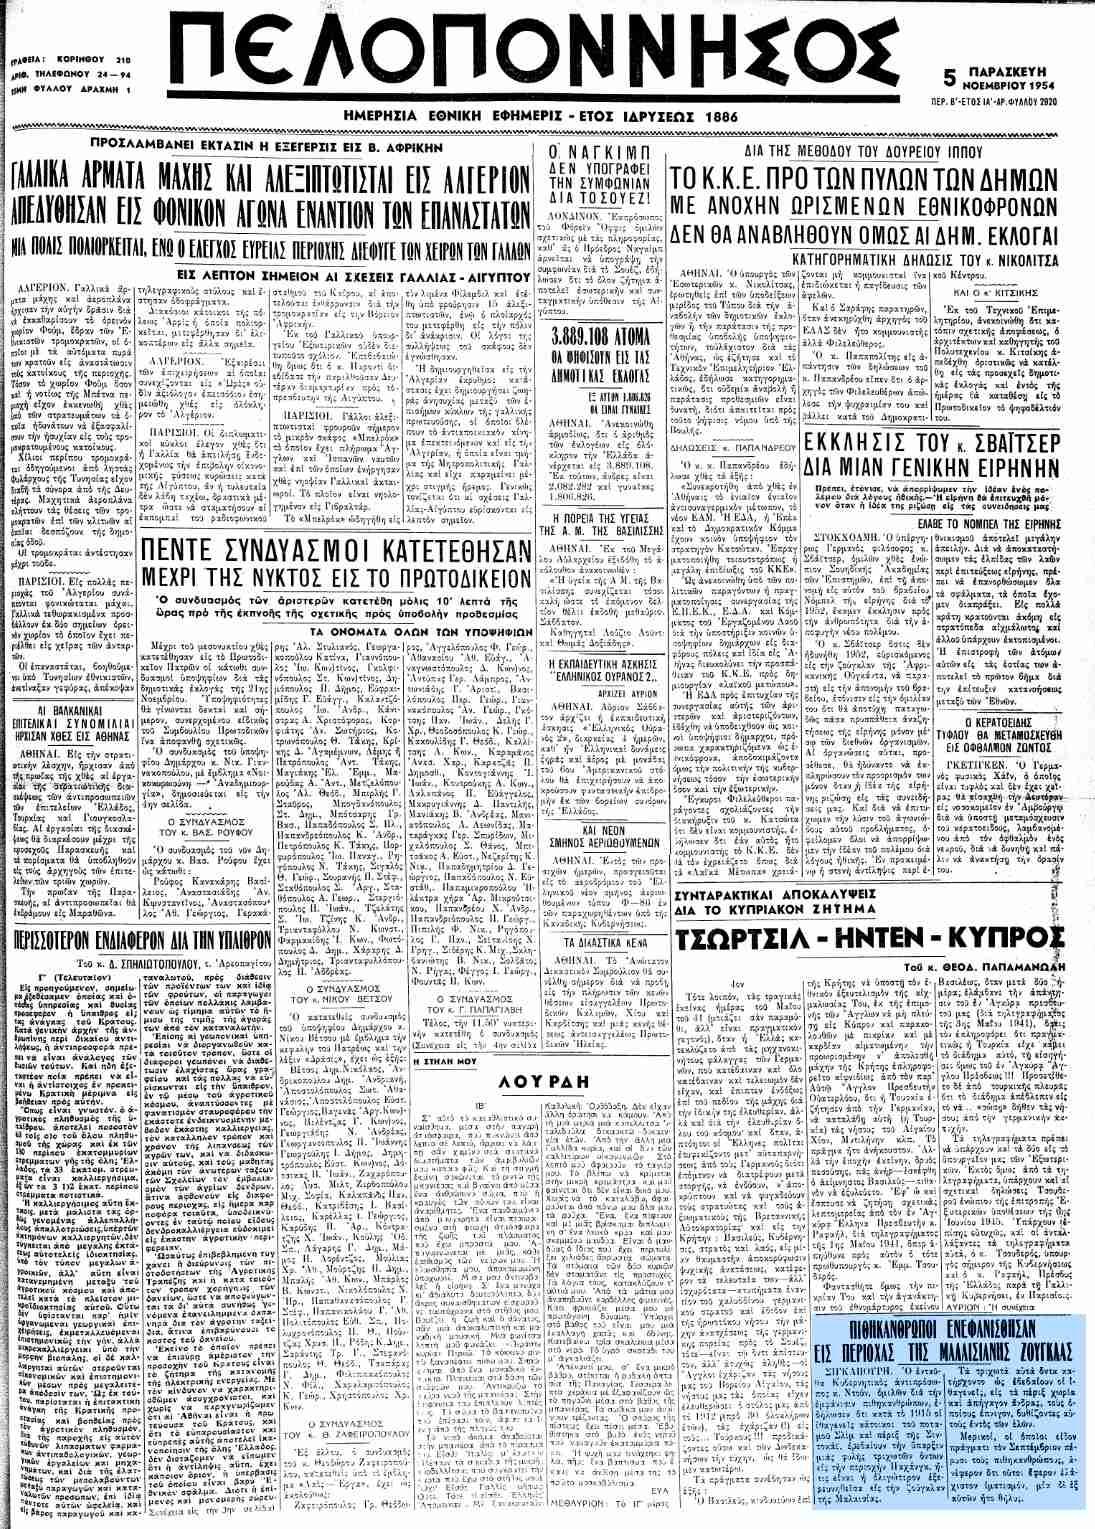 """Το άρθρο, όπως δημοσιεύθηκε στην εφημερίδα """"ΠΕΛΟΠΟΝΝΗΣΟΣ"""", στις 05/11/1954"""